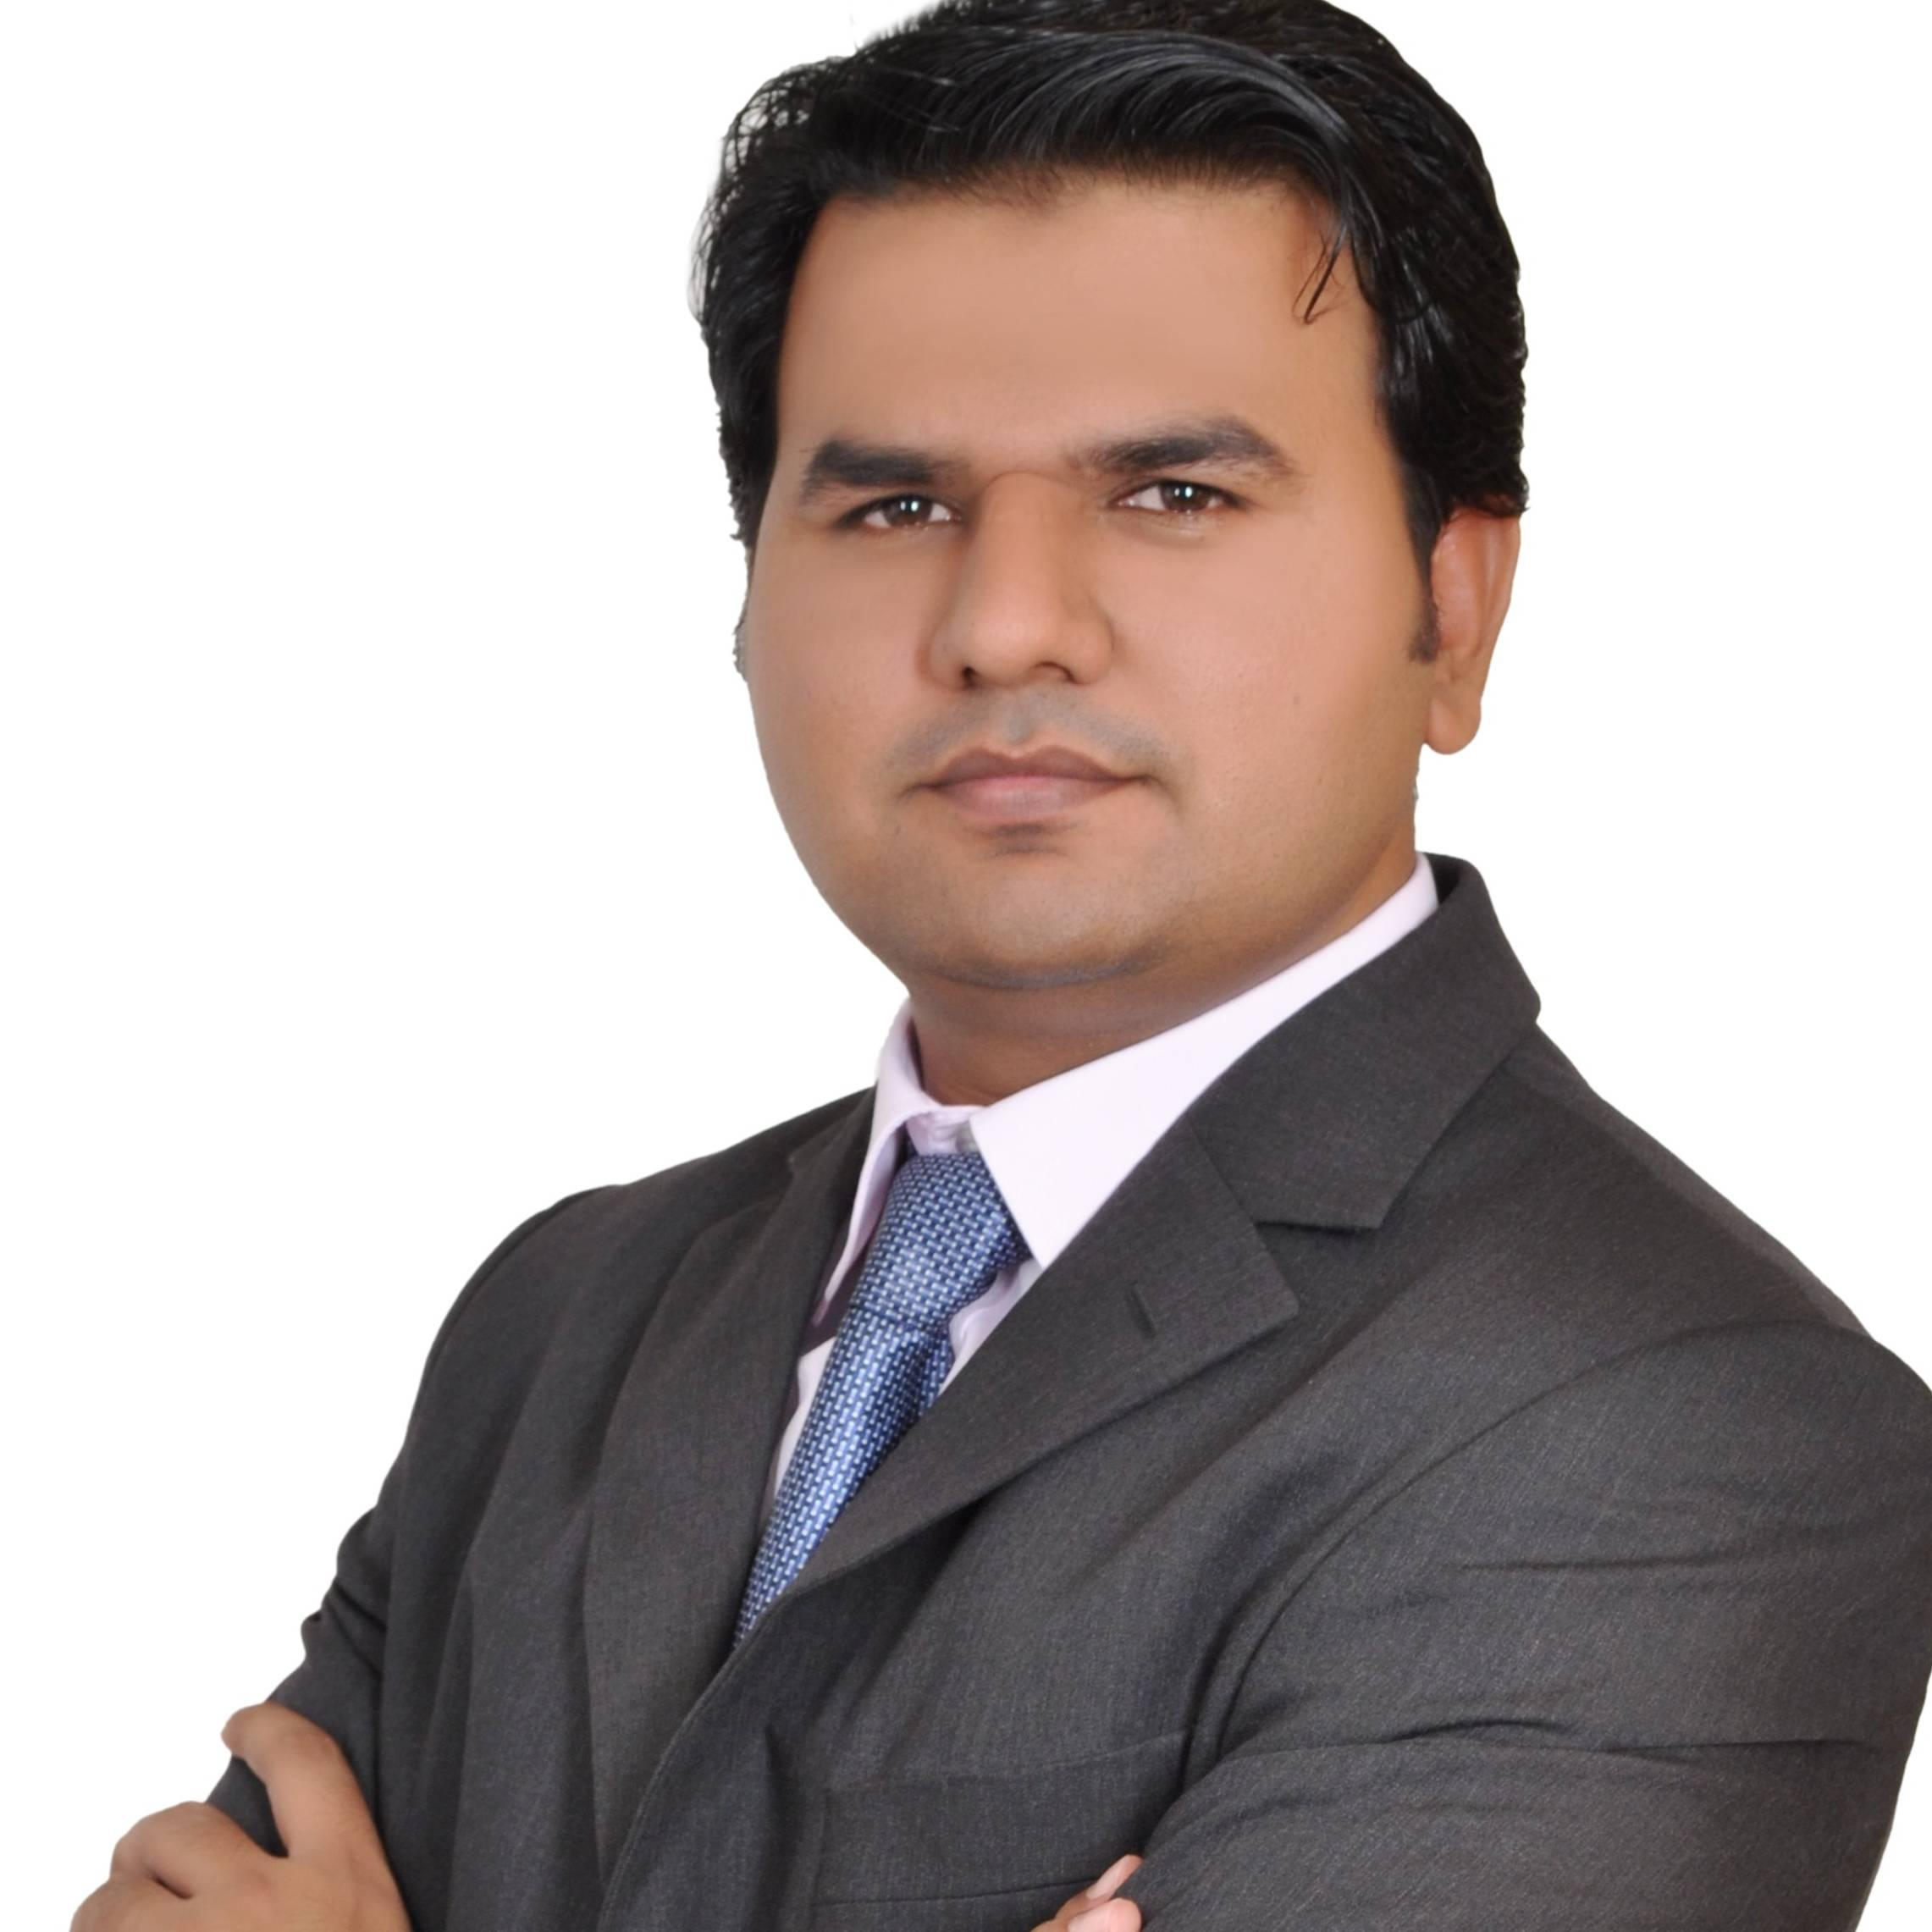 Jawad Arshad